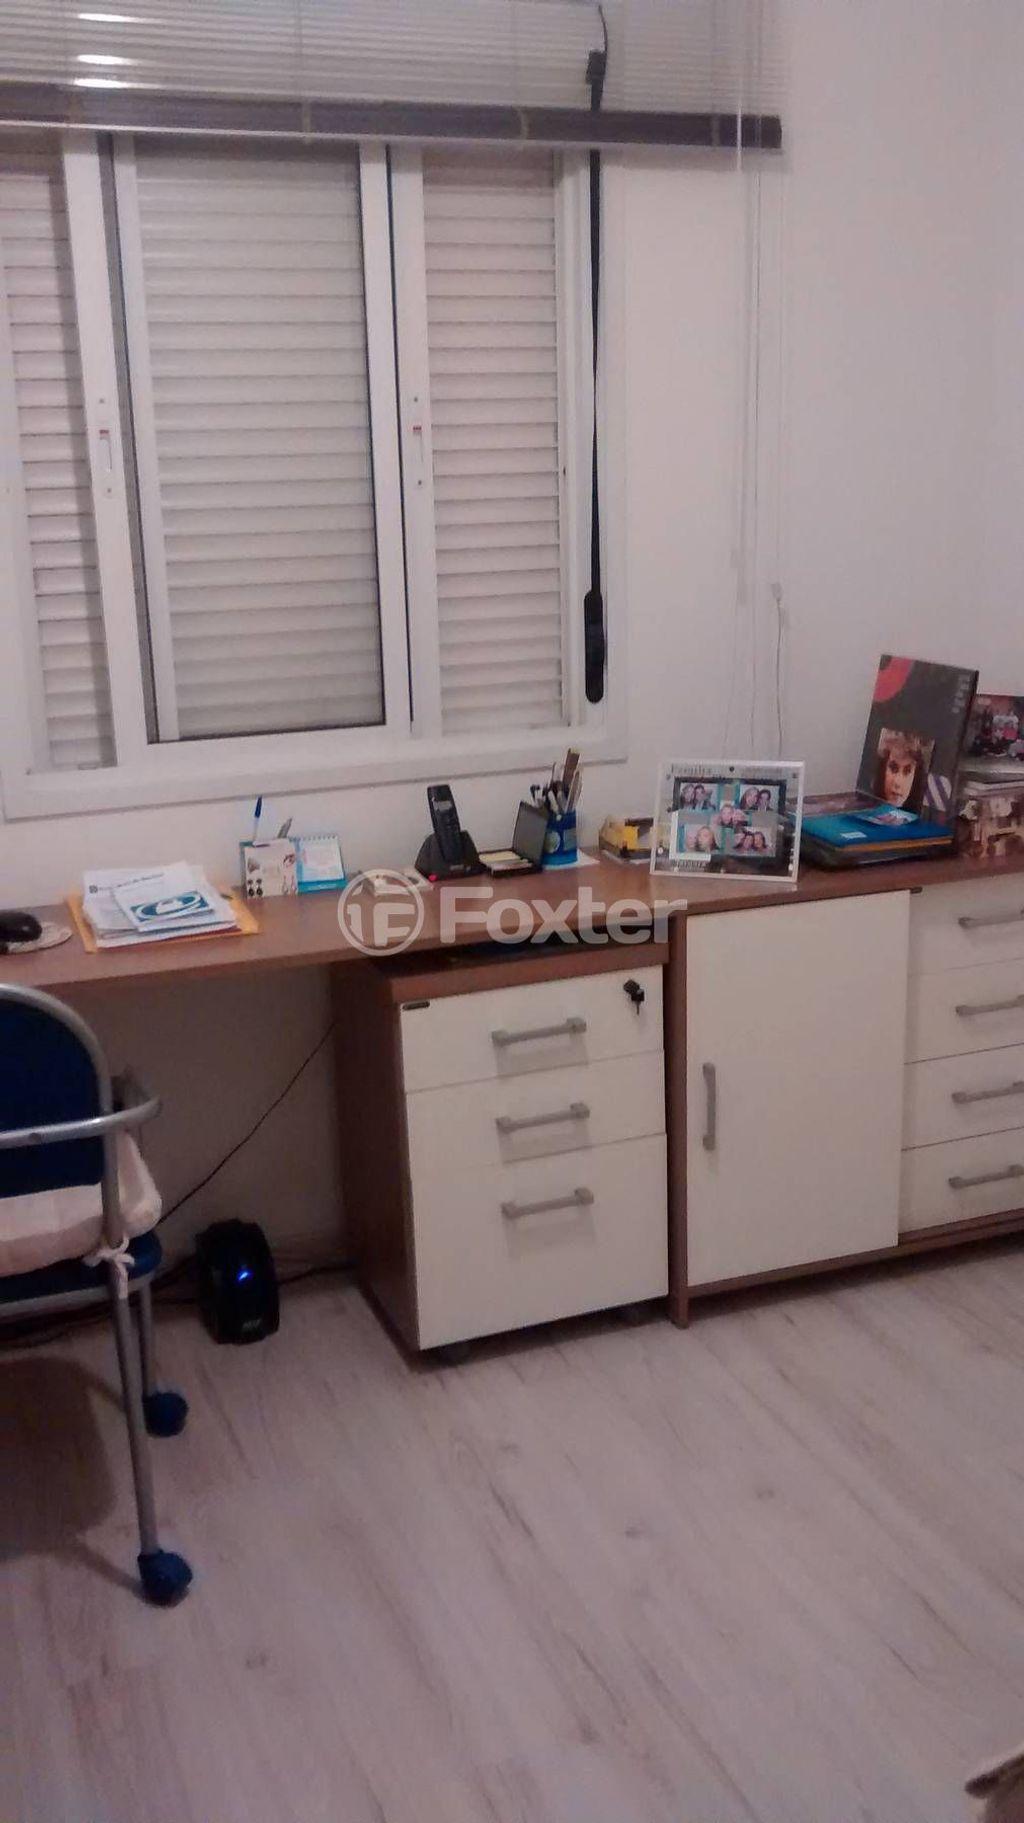 Foxter Imobiliária - Apto 3 Dorm, Cristal (124357) - Foto 12